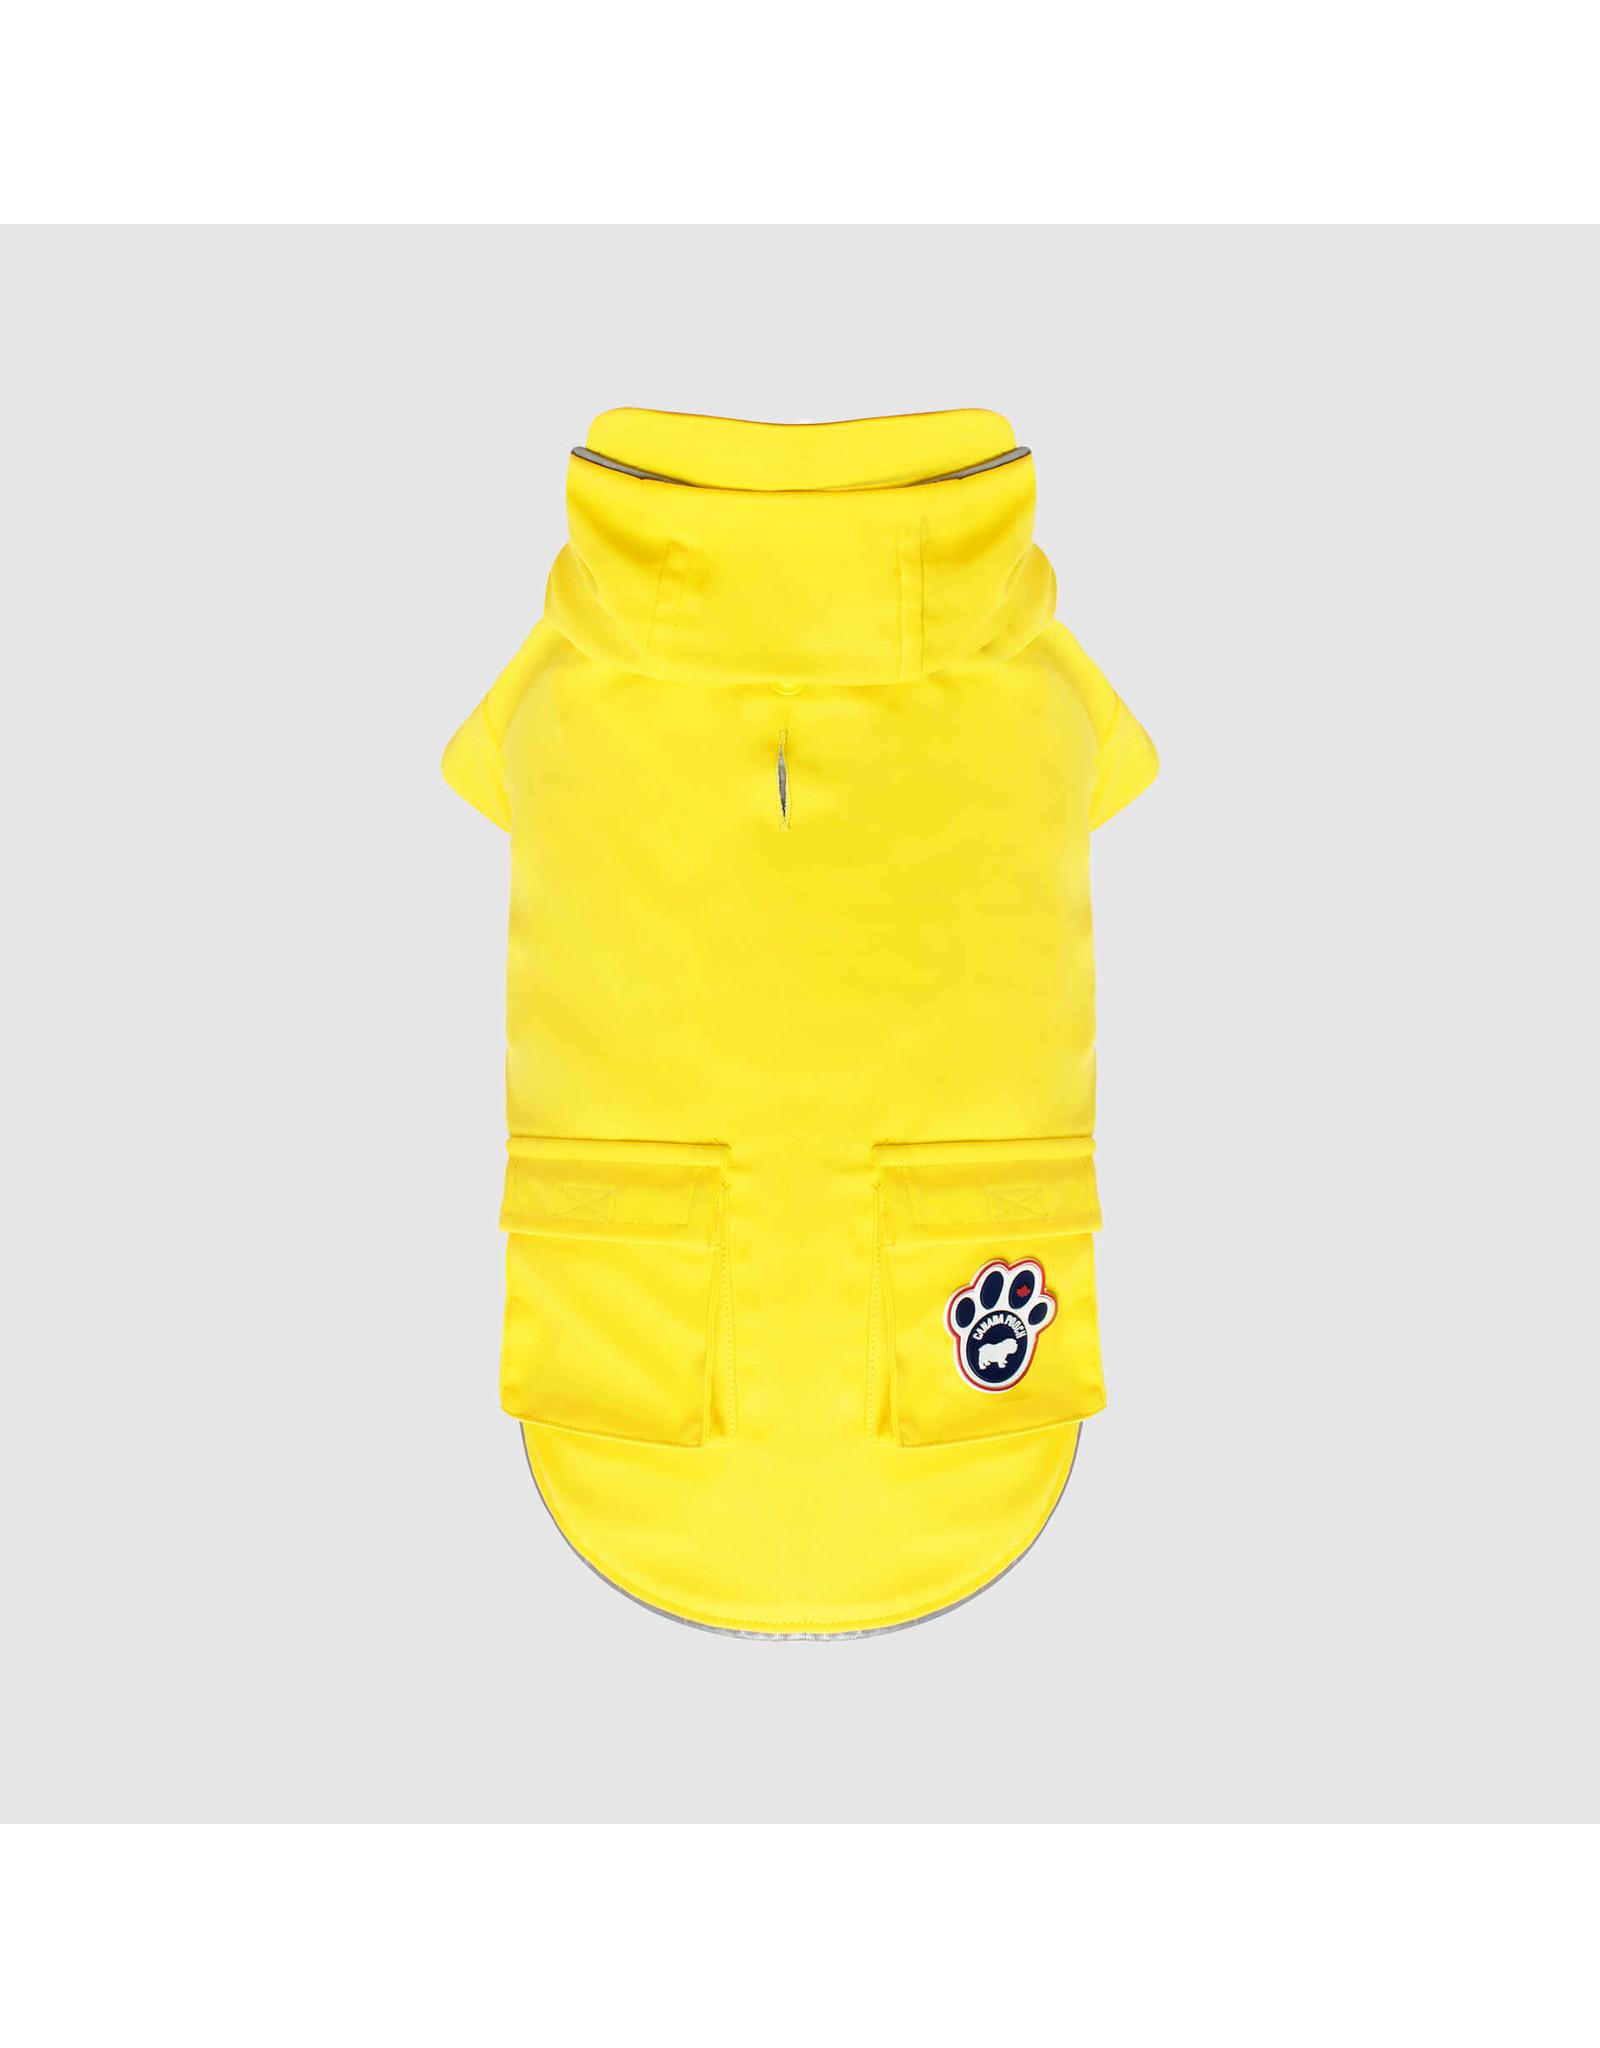 Canada Pooch CanadaPooch - TorrentialTracker Yellow 24